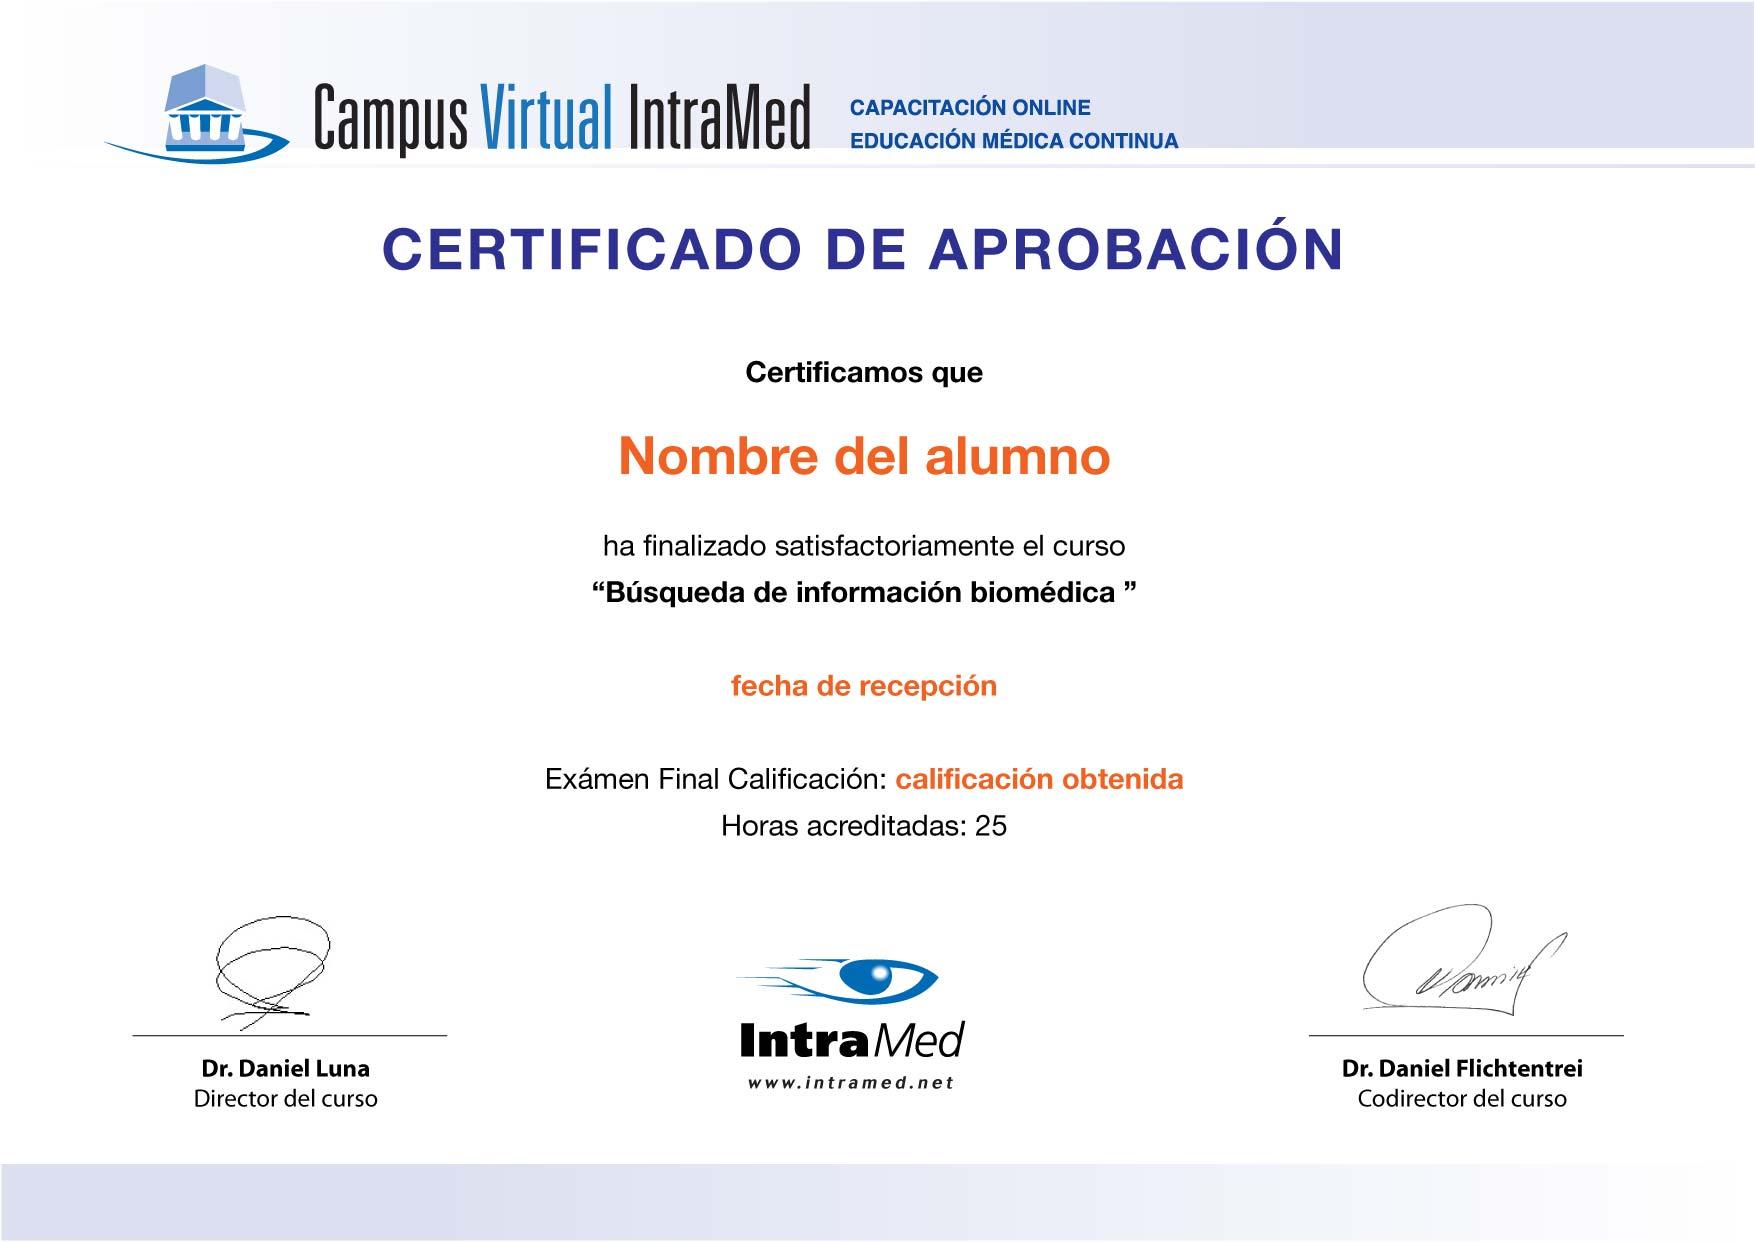 IntraMed - Cursos - Curso de Búsqueda de Información Biomédica